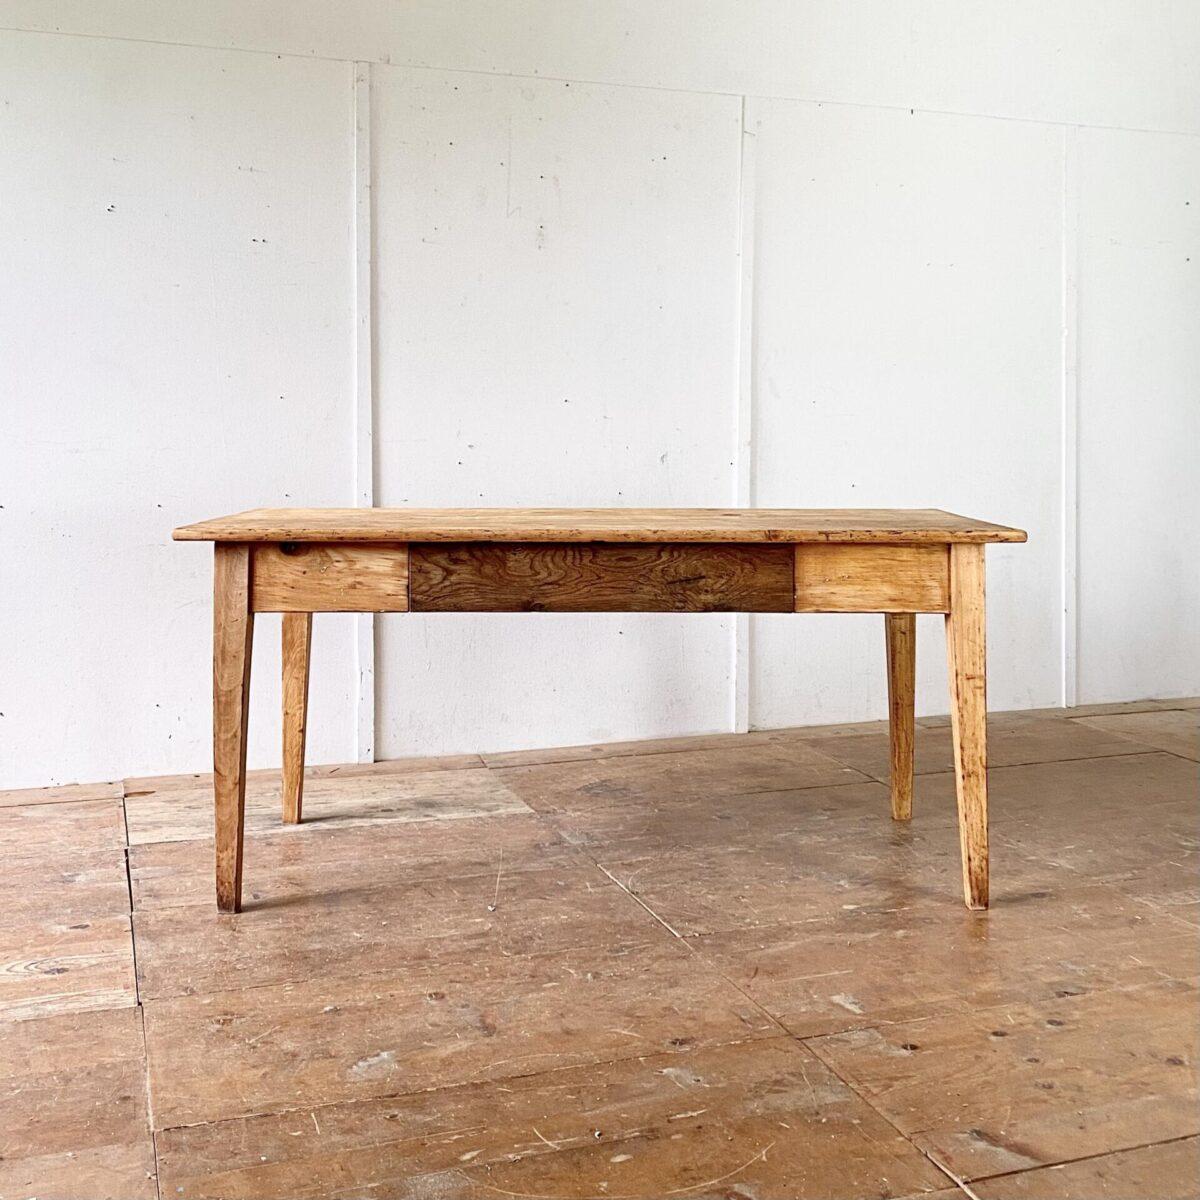 Deuxieme.shop antiker Tannenholz Biedermeiertisch mit zwei Schubladen. 175x79cm Höhe 79cm. Die zwei Schubladenfronten sind aus Eiche. Der Tisch ist in stabilem Zustand, lebhafte Alterspatina und Gebrauchsspuren. Die Holzoberflächen sind mit Naturöl behandelt. Es finden 6-8 Personen daran Platz.